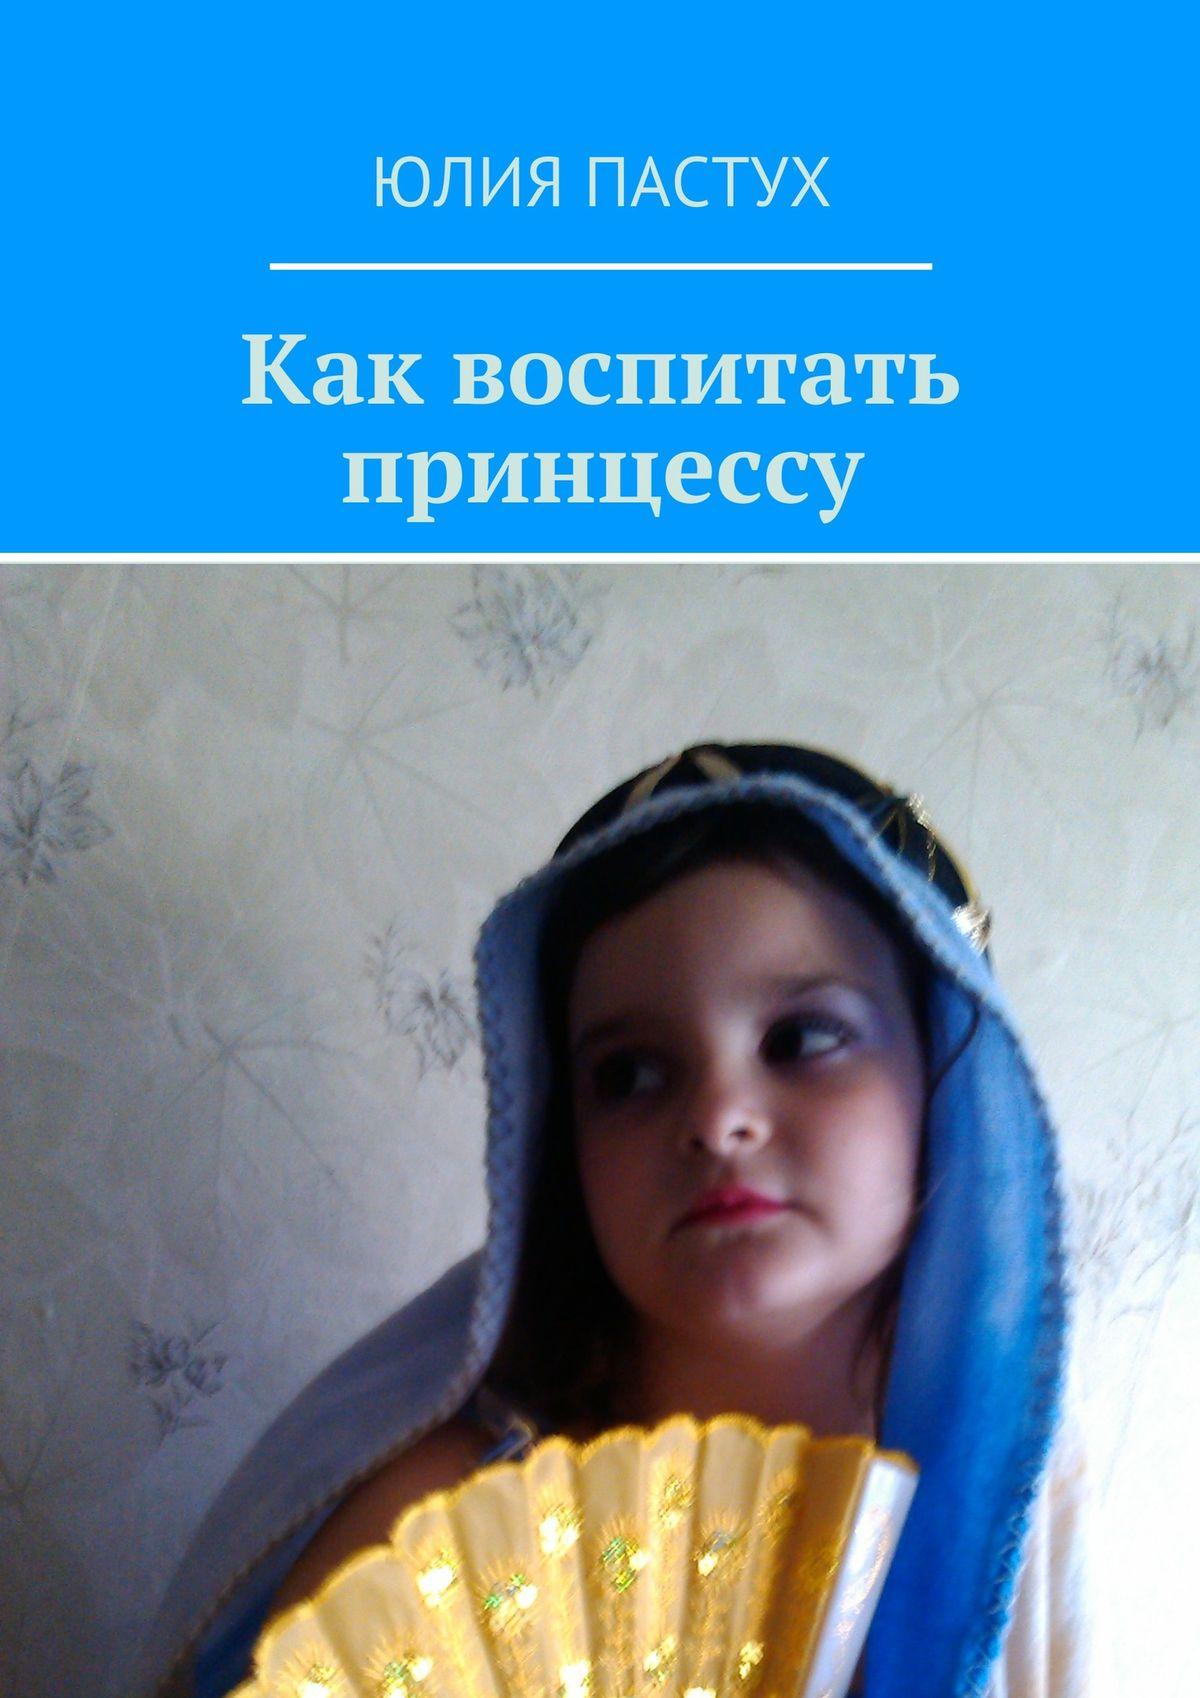 Юлия Пастух Как воспитать принцессу юлия пастух любовь впариже